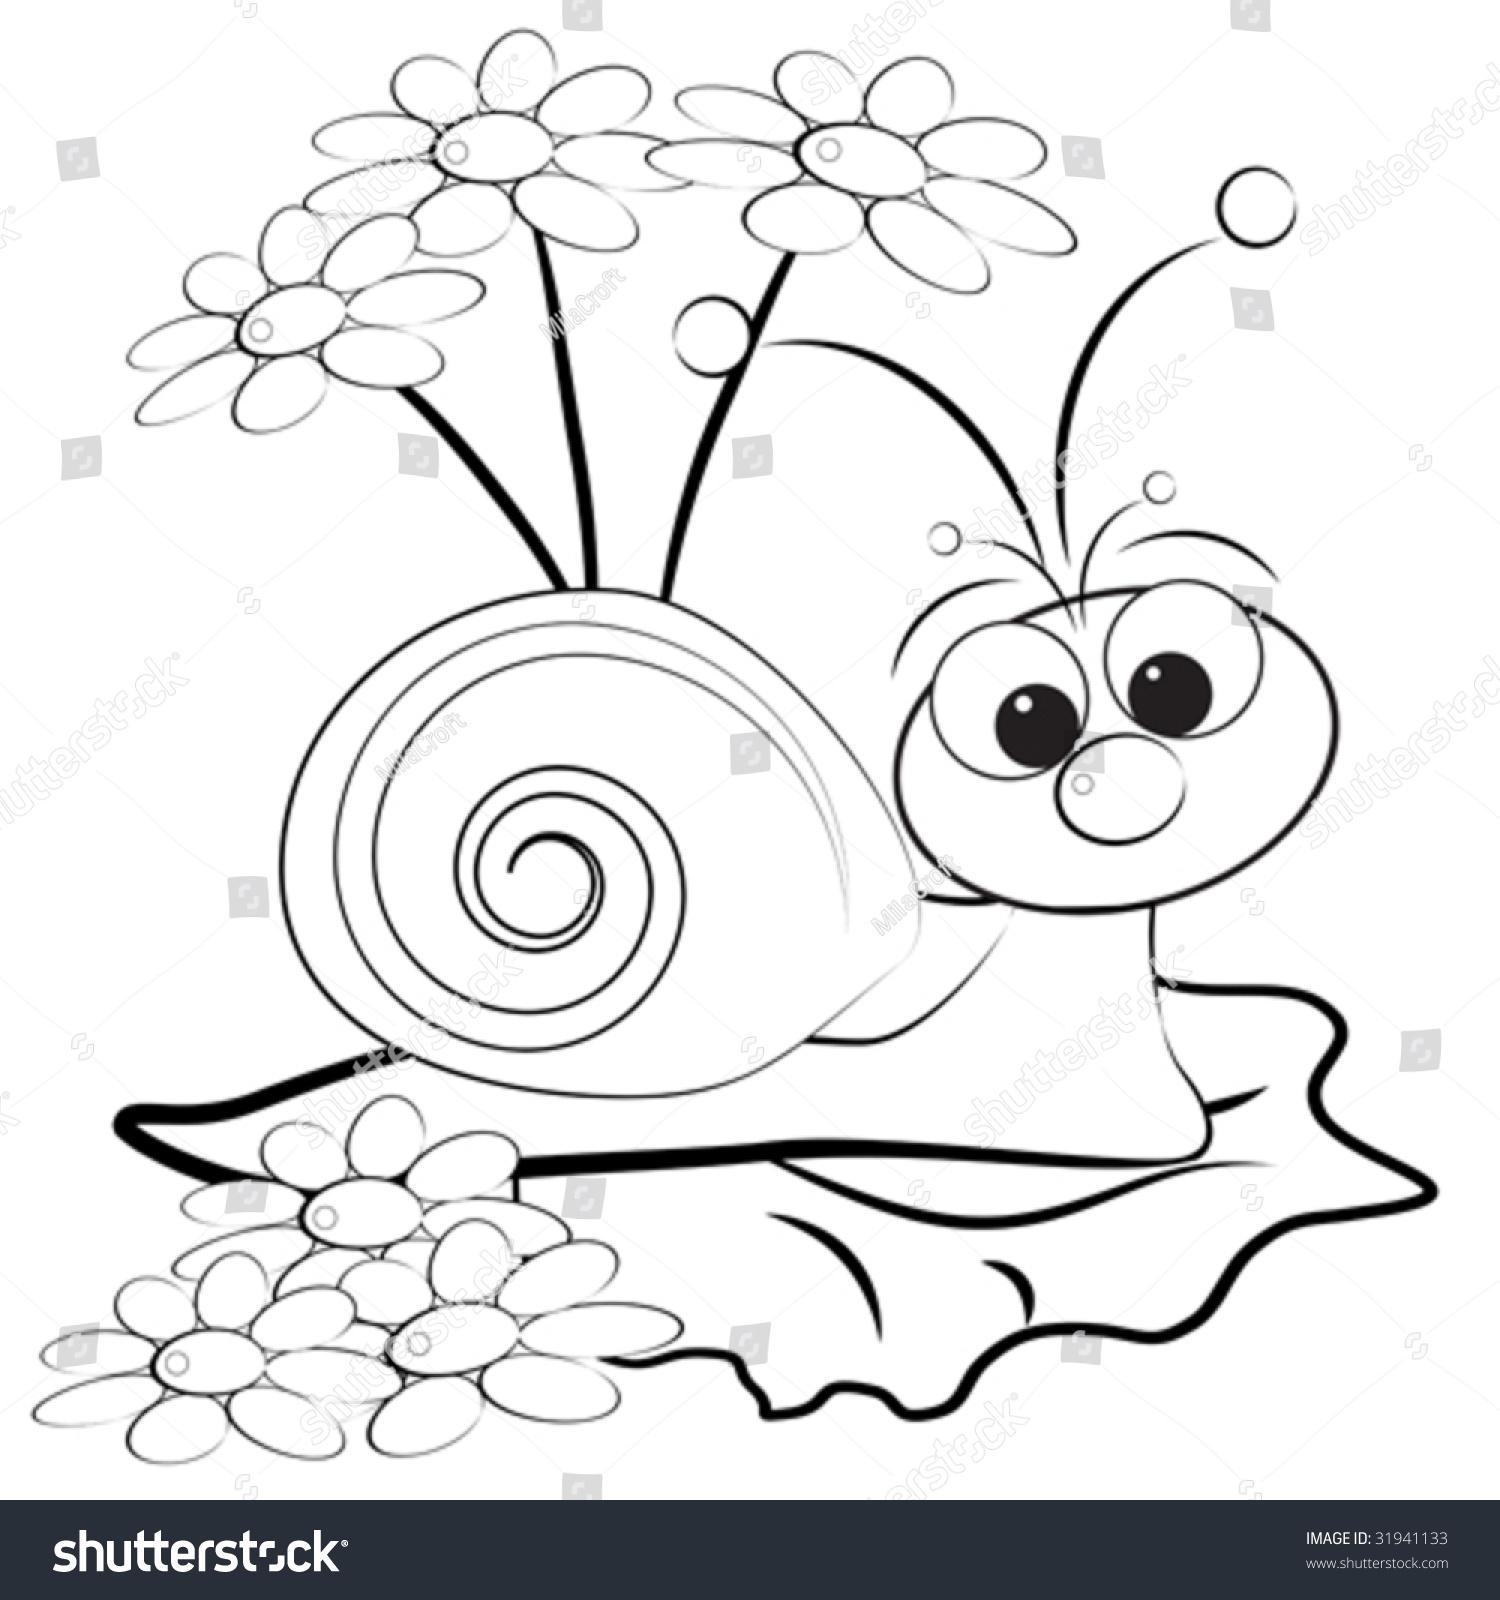 简单手绘可爱蜗牛